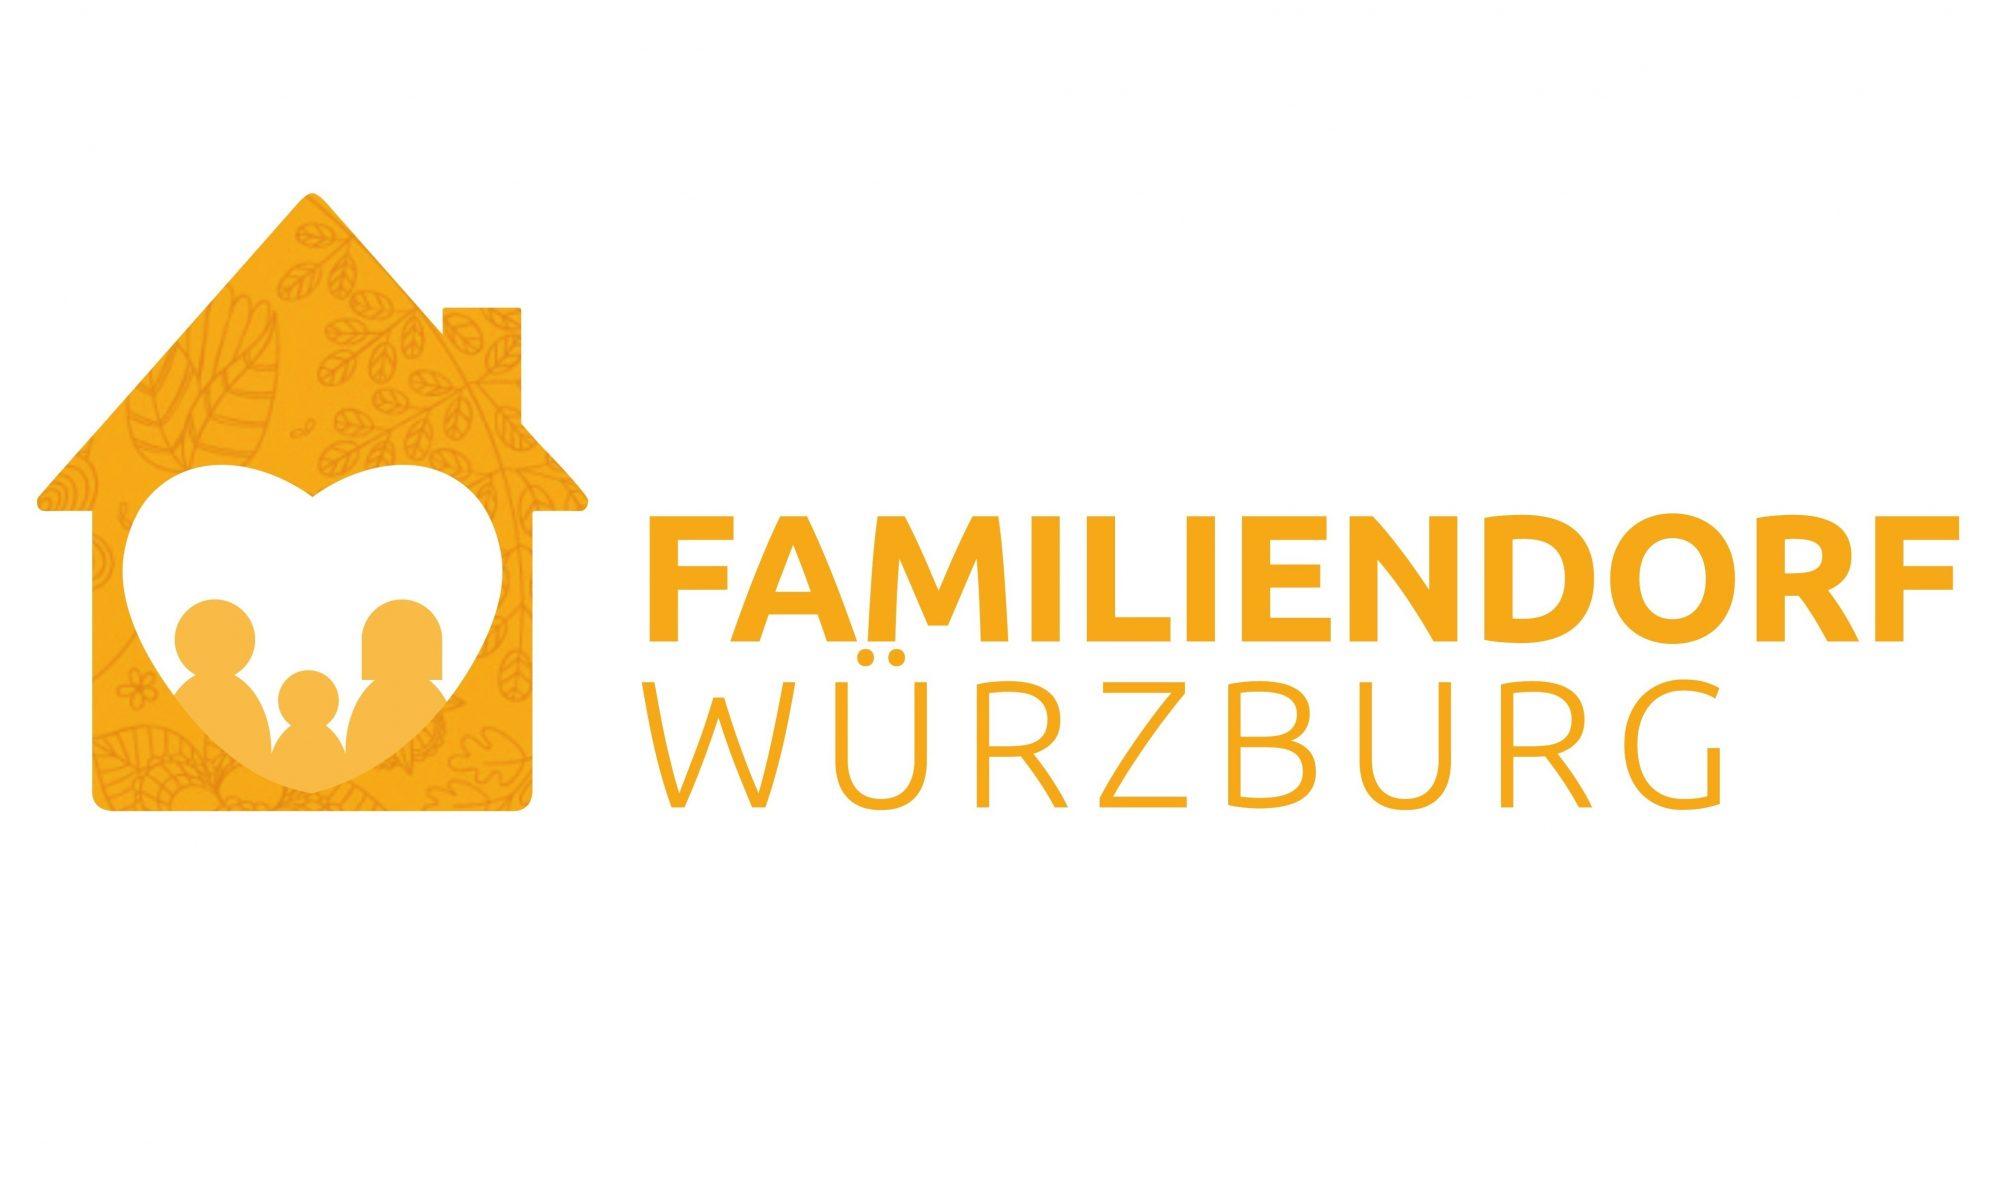 Familiendorf-Würzburg